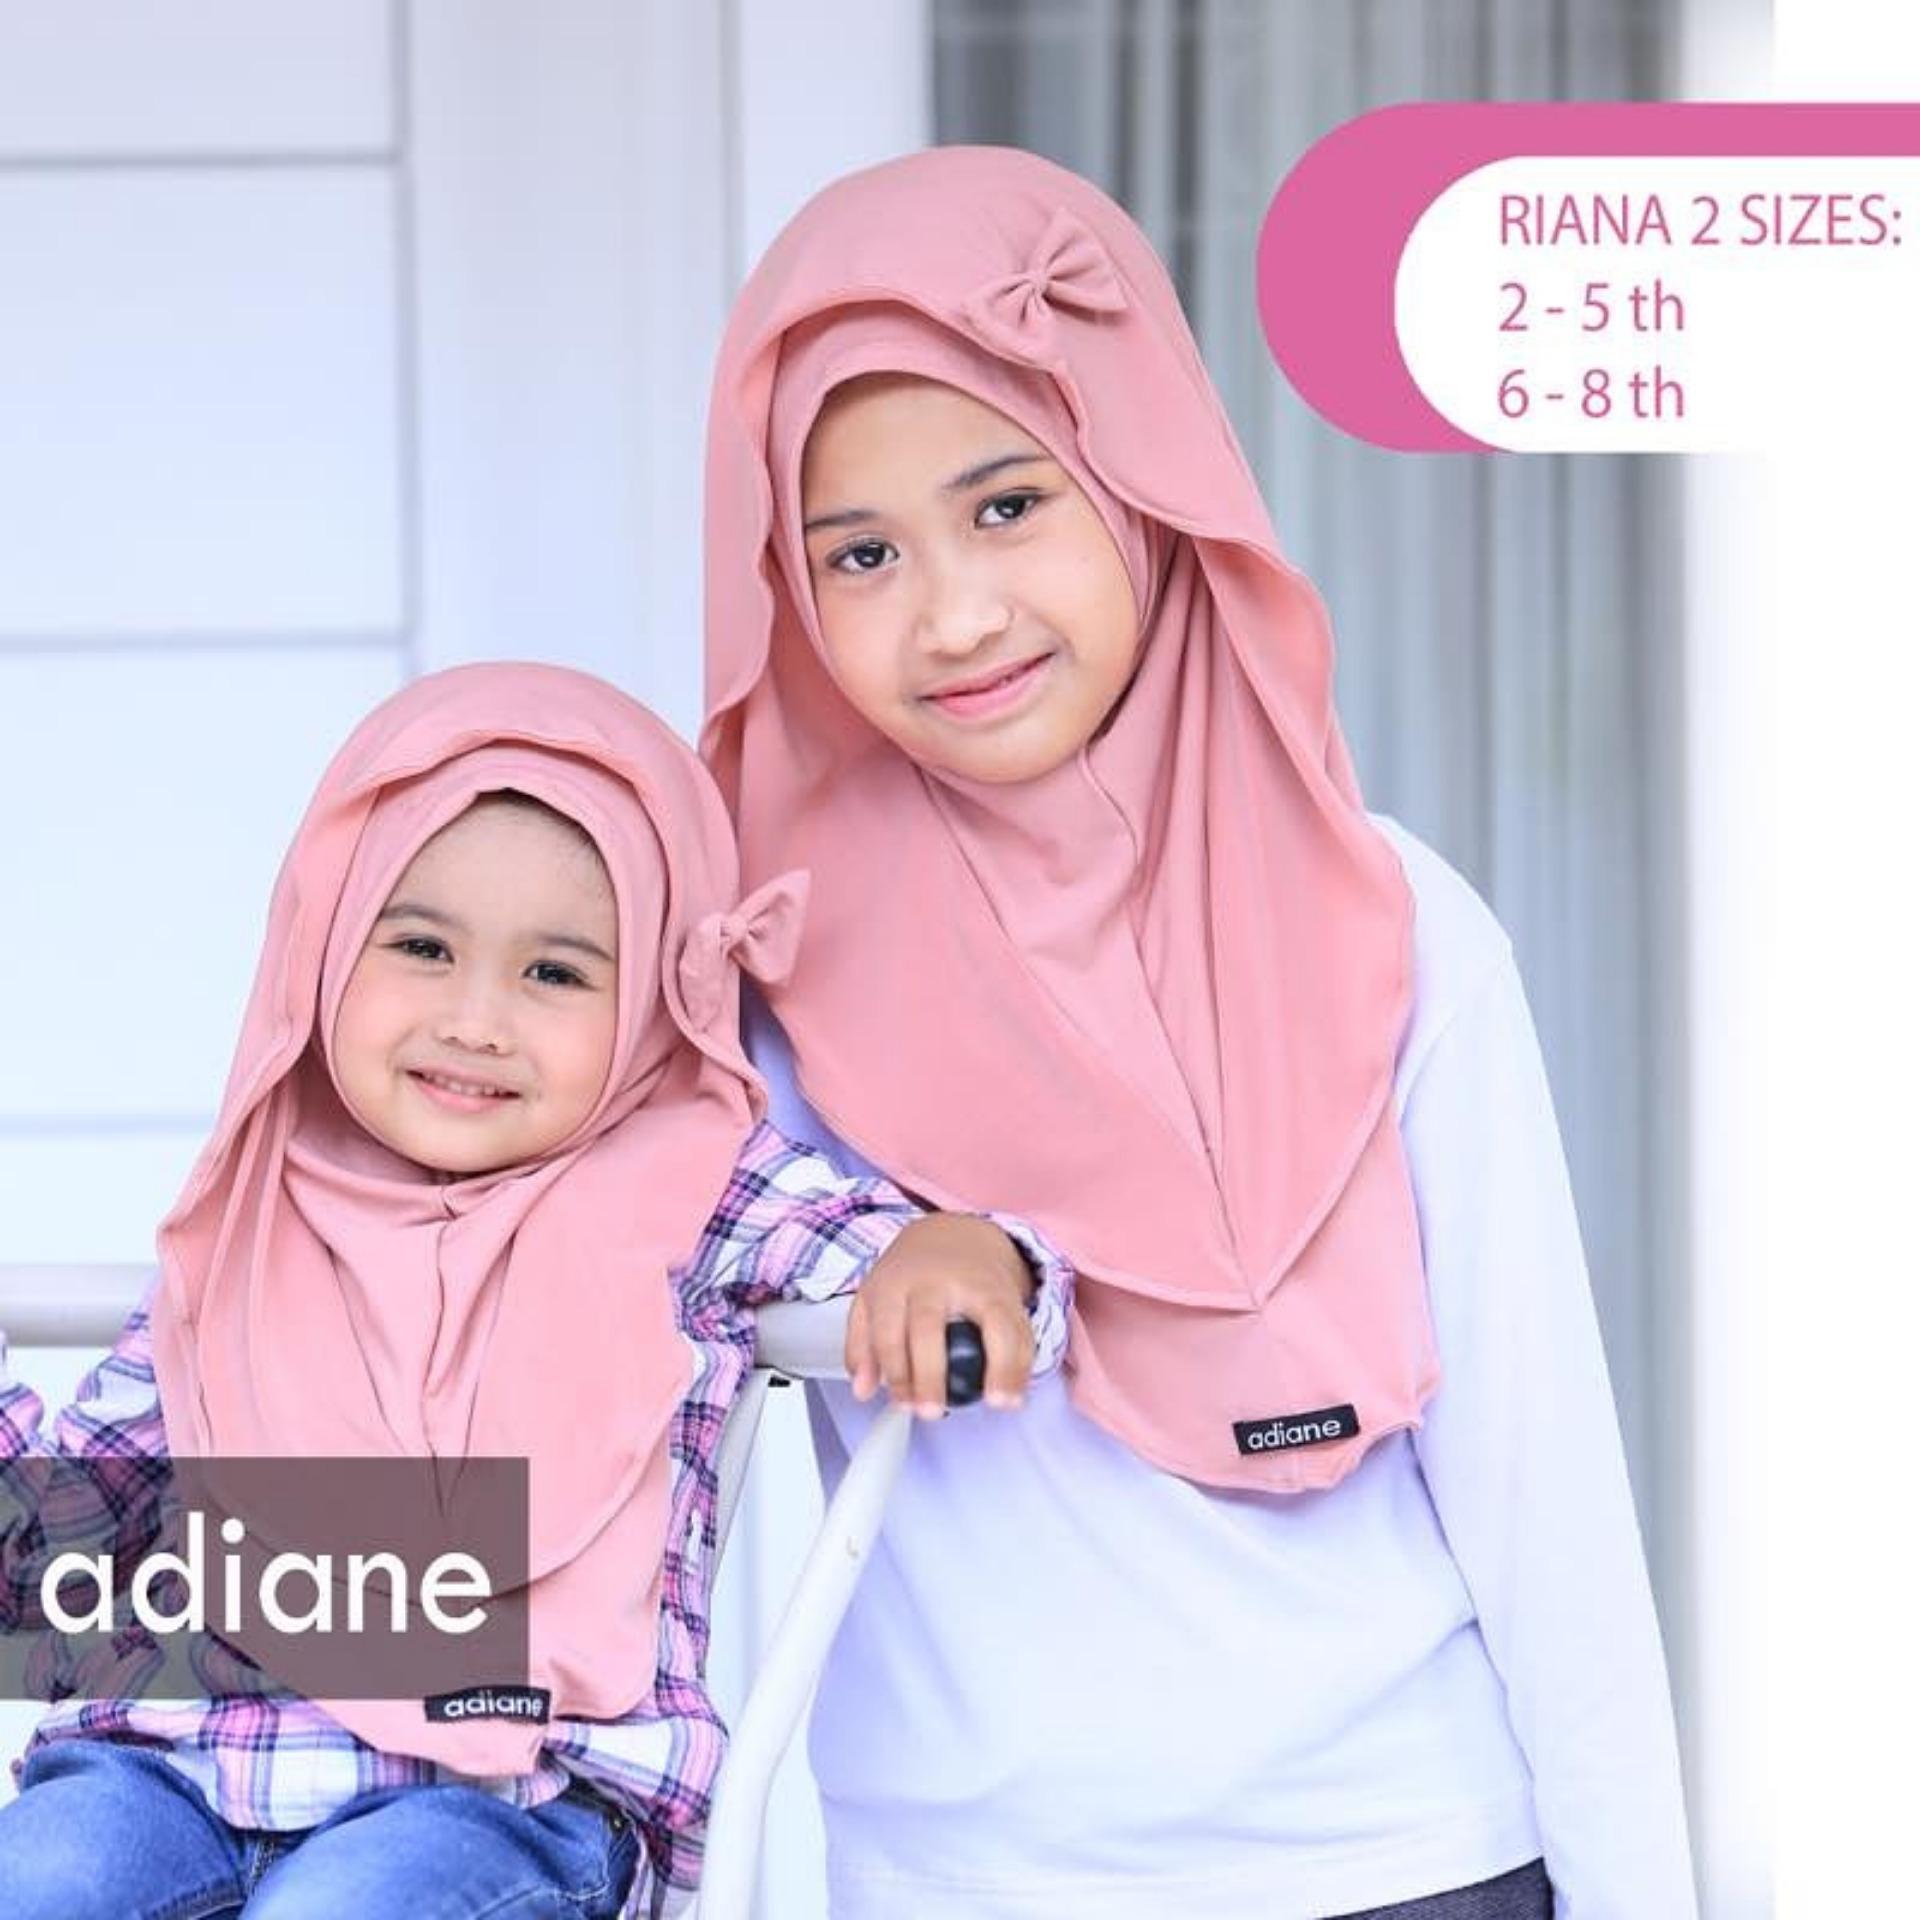 Harga Hqo Kerudung Hijab Jilbab Pashmina Instan Anak Riana Pink Baru Murah